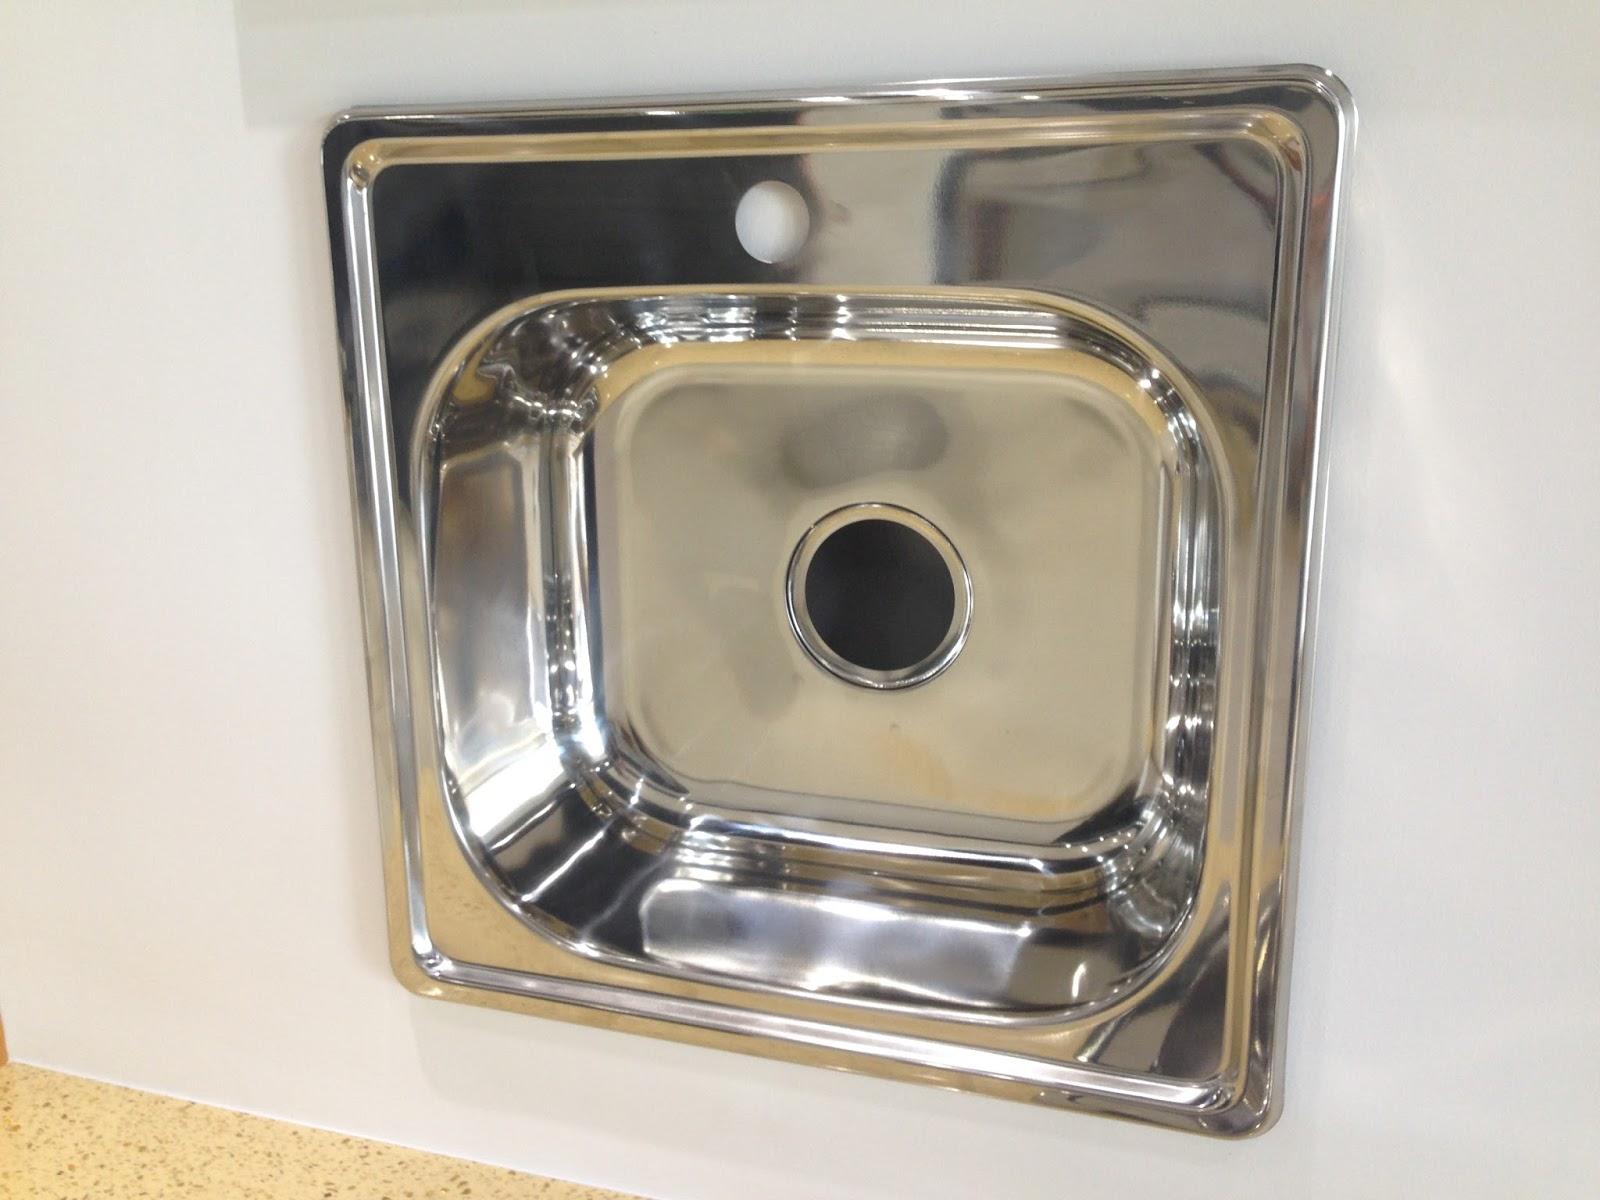 Stainless Steel Kitchen Sink Manufacturer: 2016 Modern Design ...